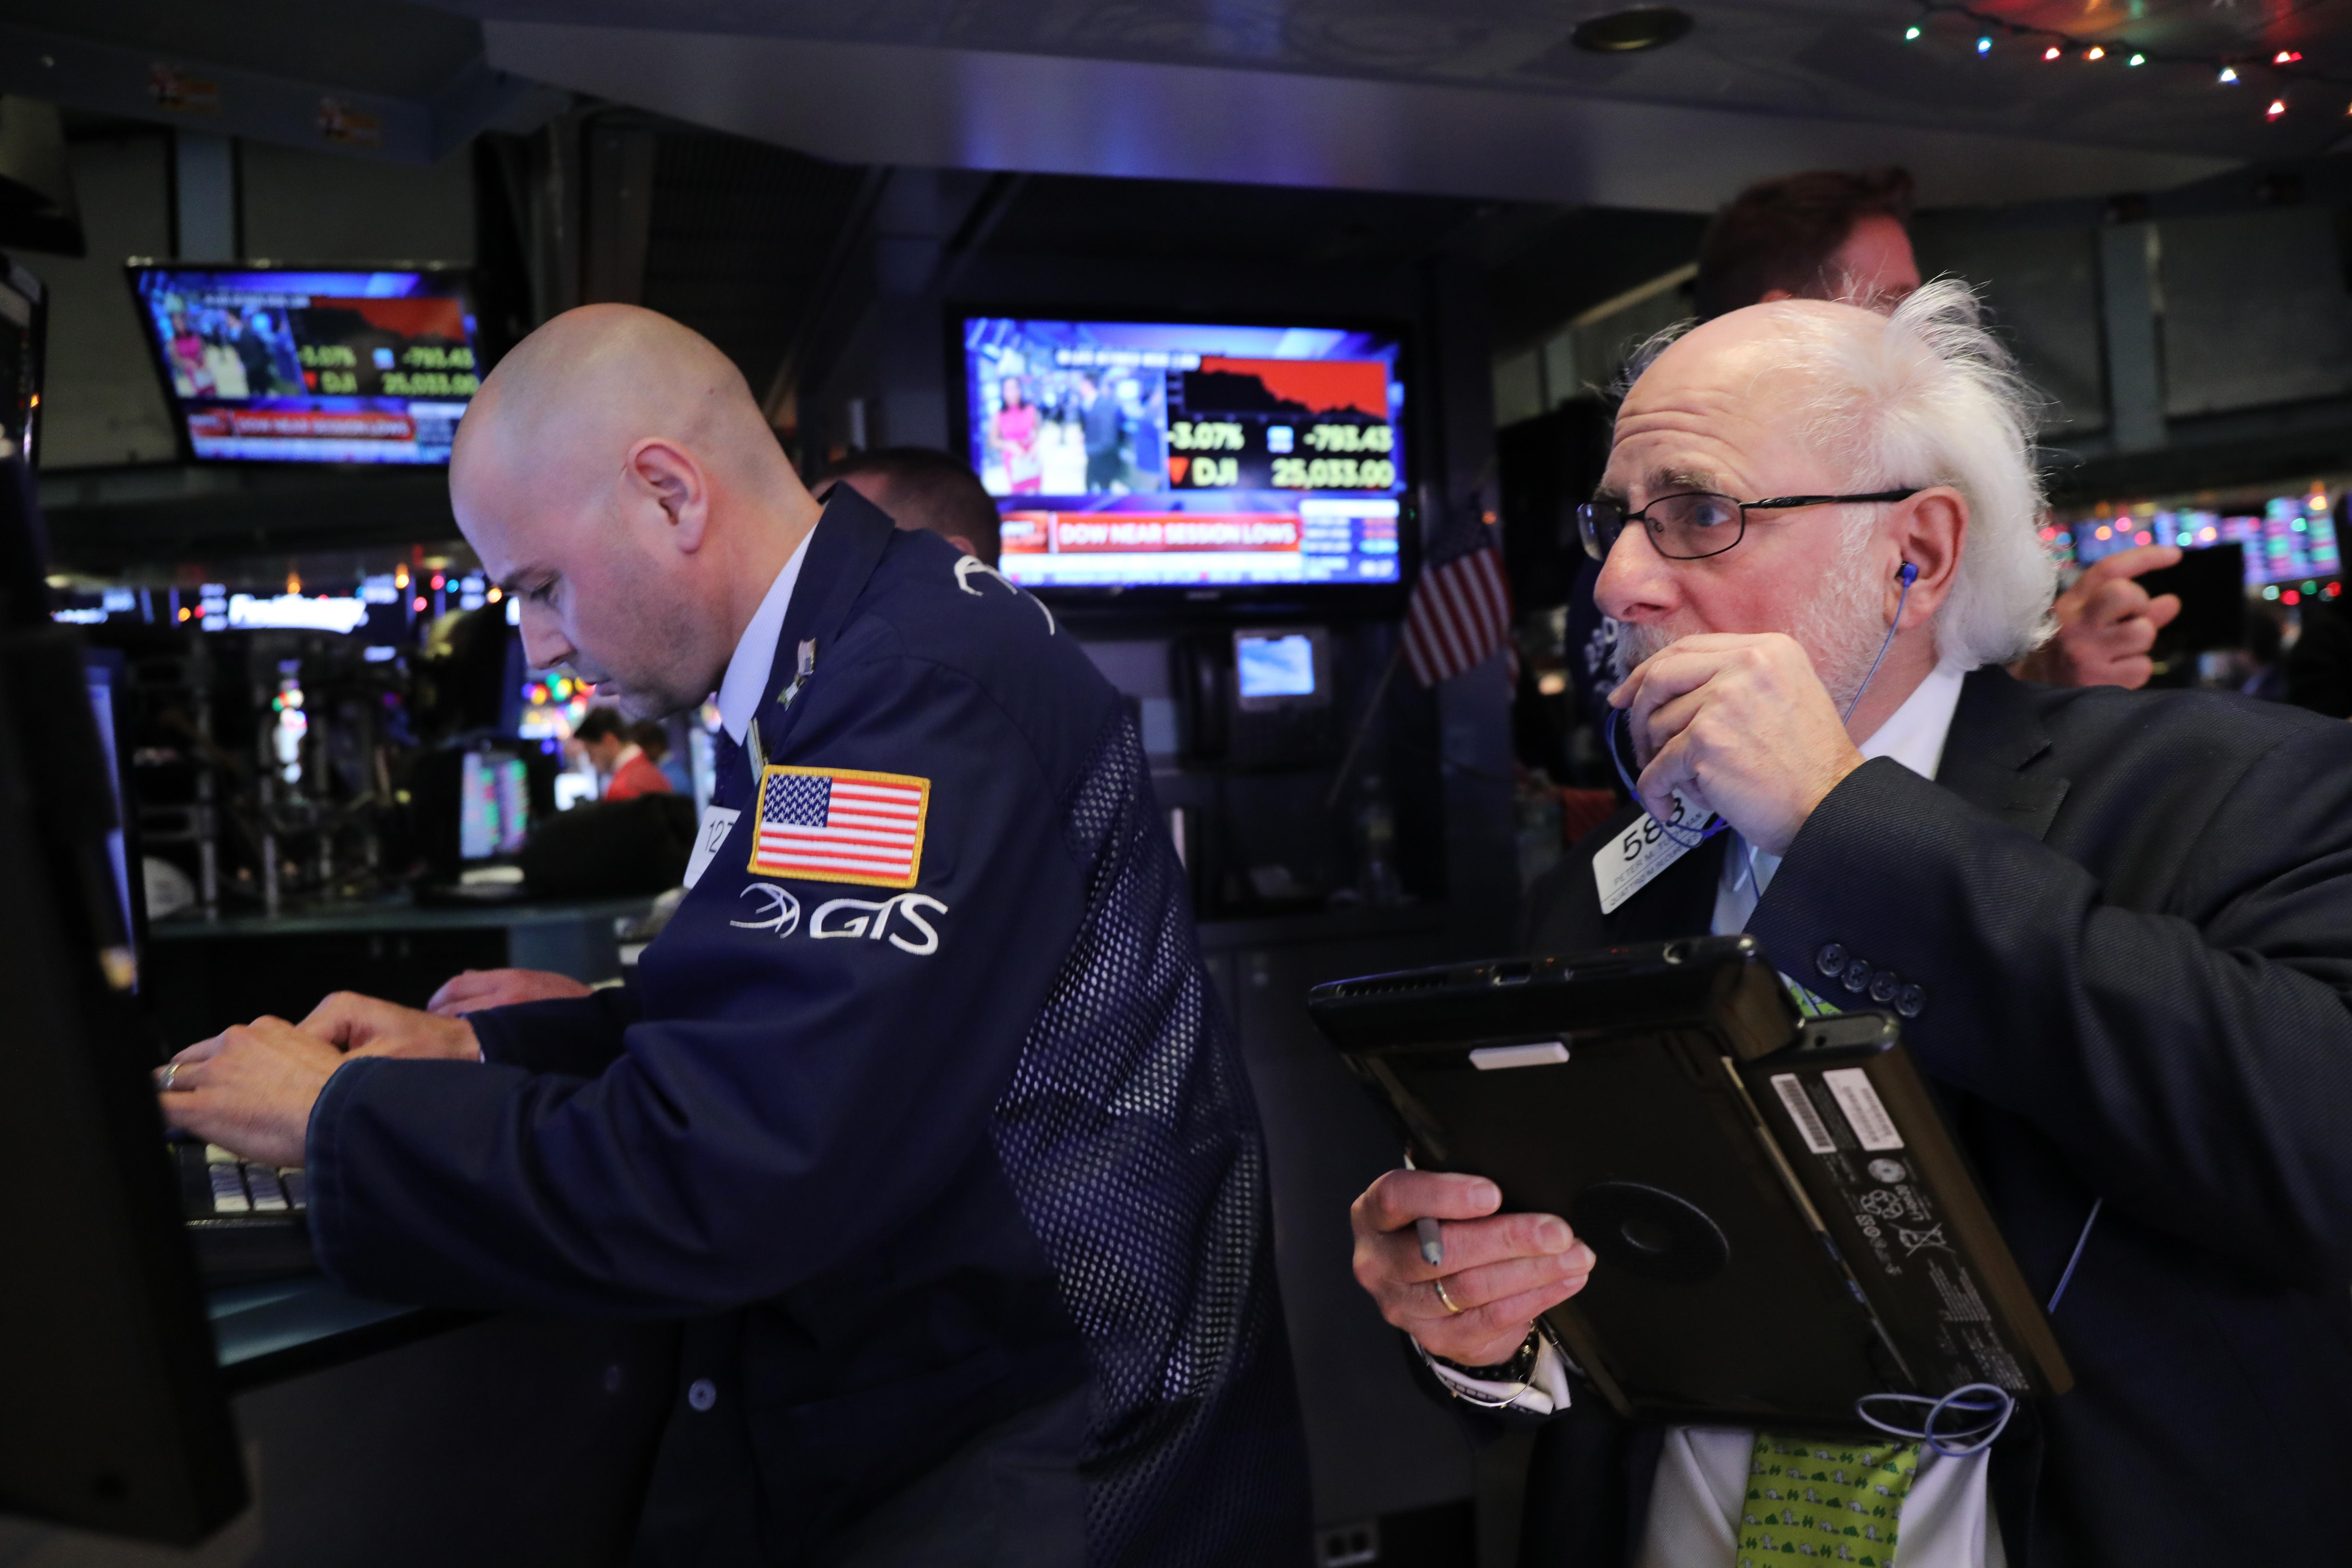 美股重挫 納瓦羅籲投資人勿信謠言耐心等待